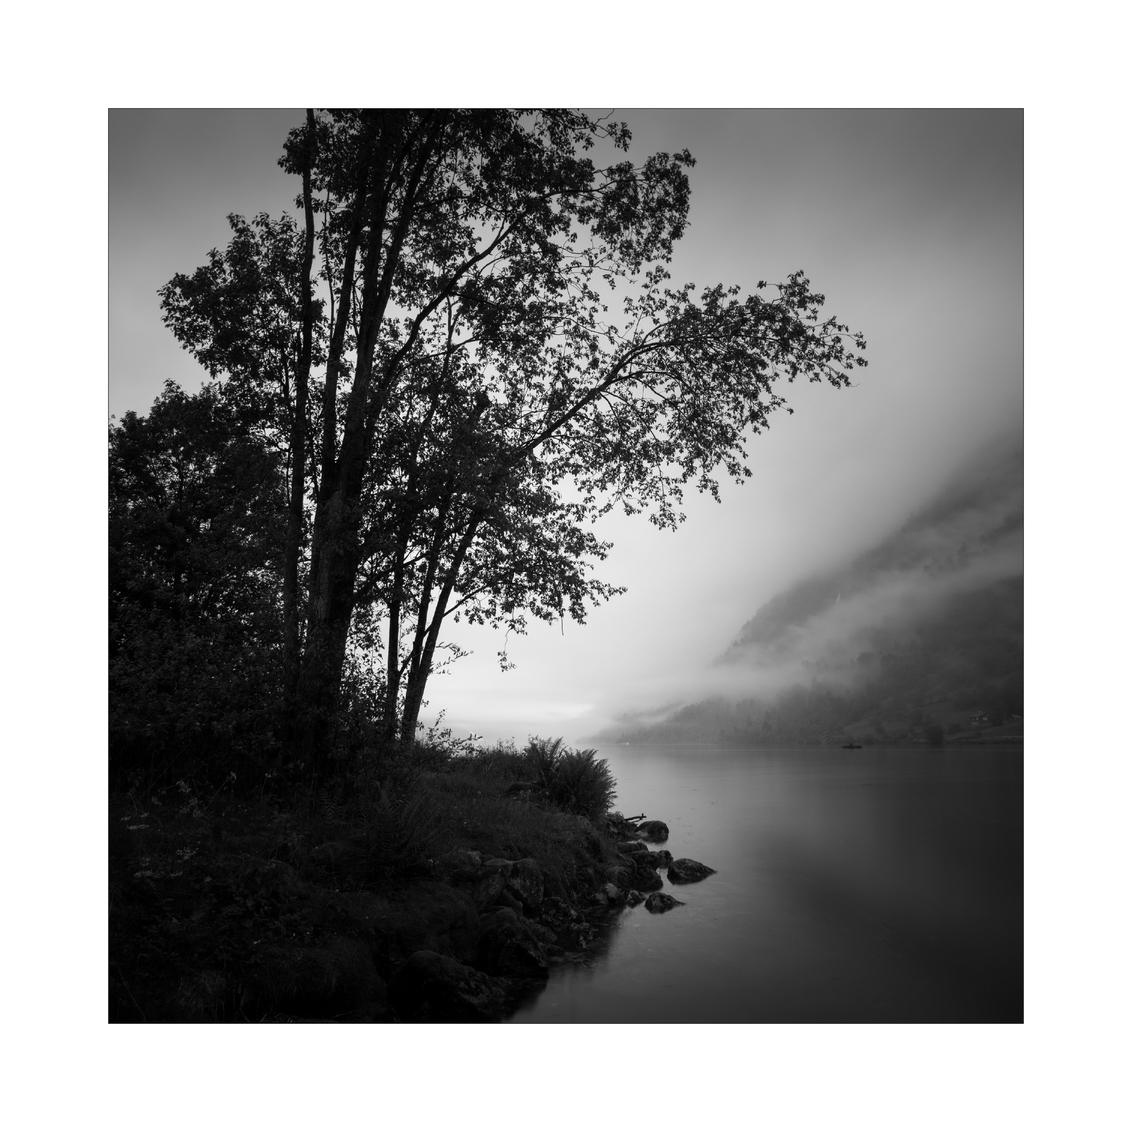 Northern Spirit. II - Oldedalen, Noorwegen. Foto gemaakt naast ons vakantiehuisje op een mistige ochtend.   Alweer een tijd geleden dat ik actief ben geweest op zoom, h - foto door Joshua181 op 24-12-2017 - deze foto bevat: wolken, water, natuur, vakantie, spiegeling, landschap, mist, bomen, bergen, meer, noorwegen, zwartwit, lange sluitertijd